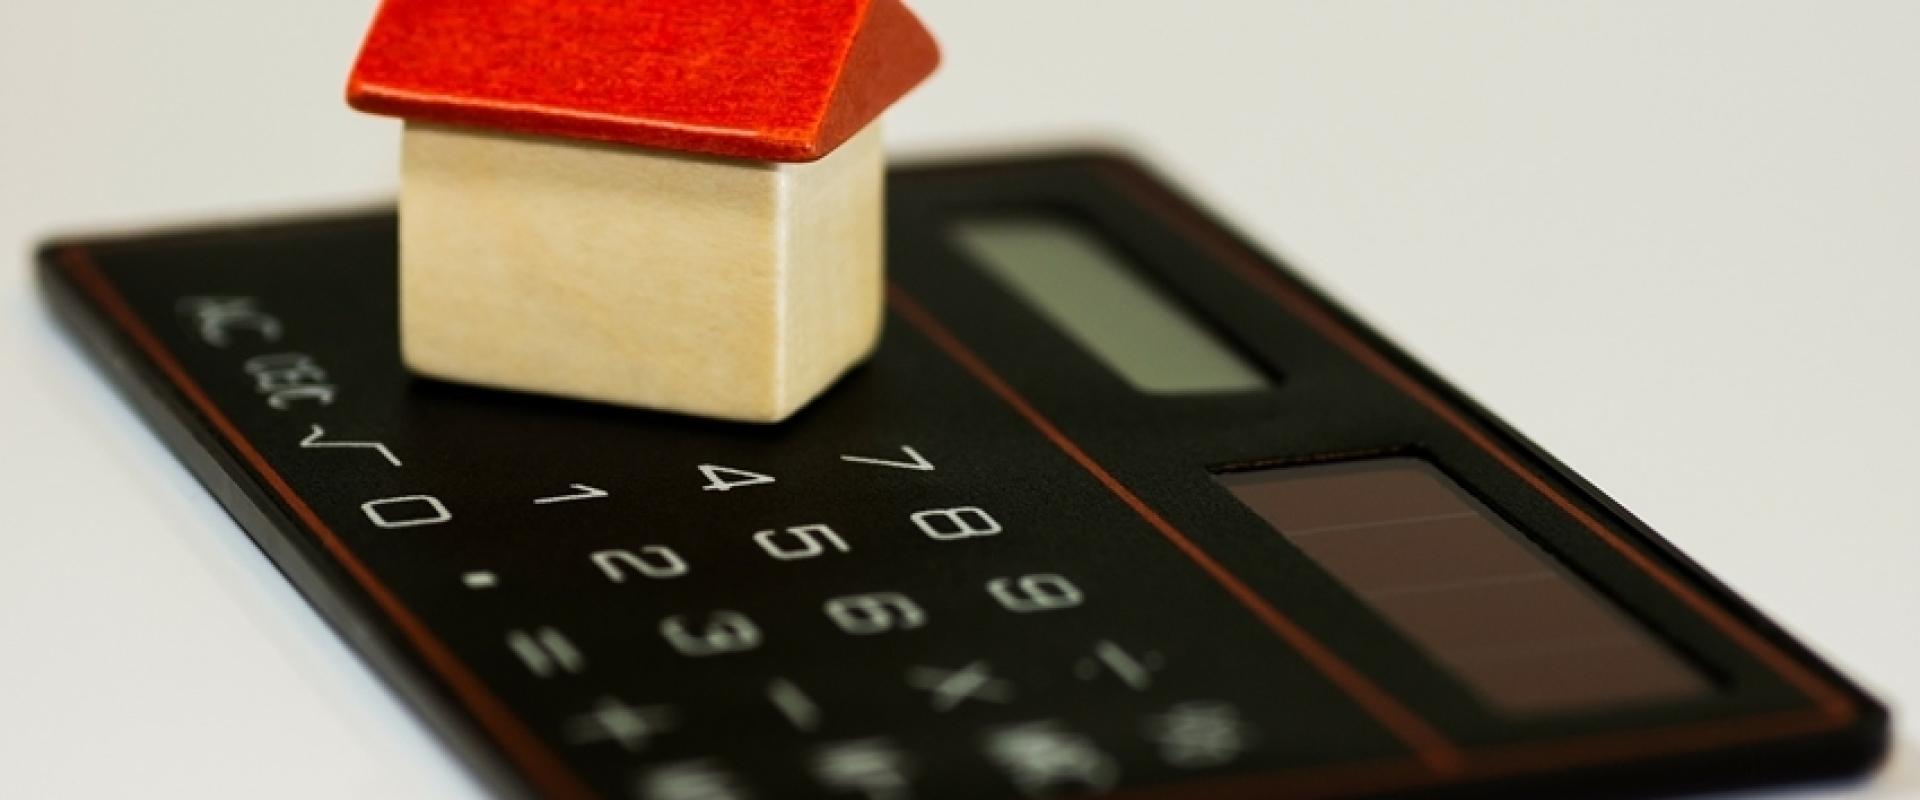 Goedkope hypotheekadviseur: wat zijn de risico's en nadelen?